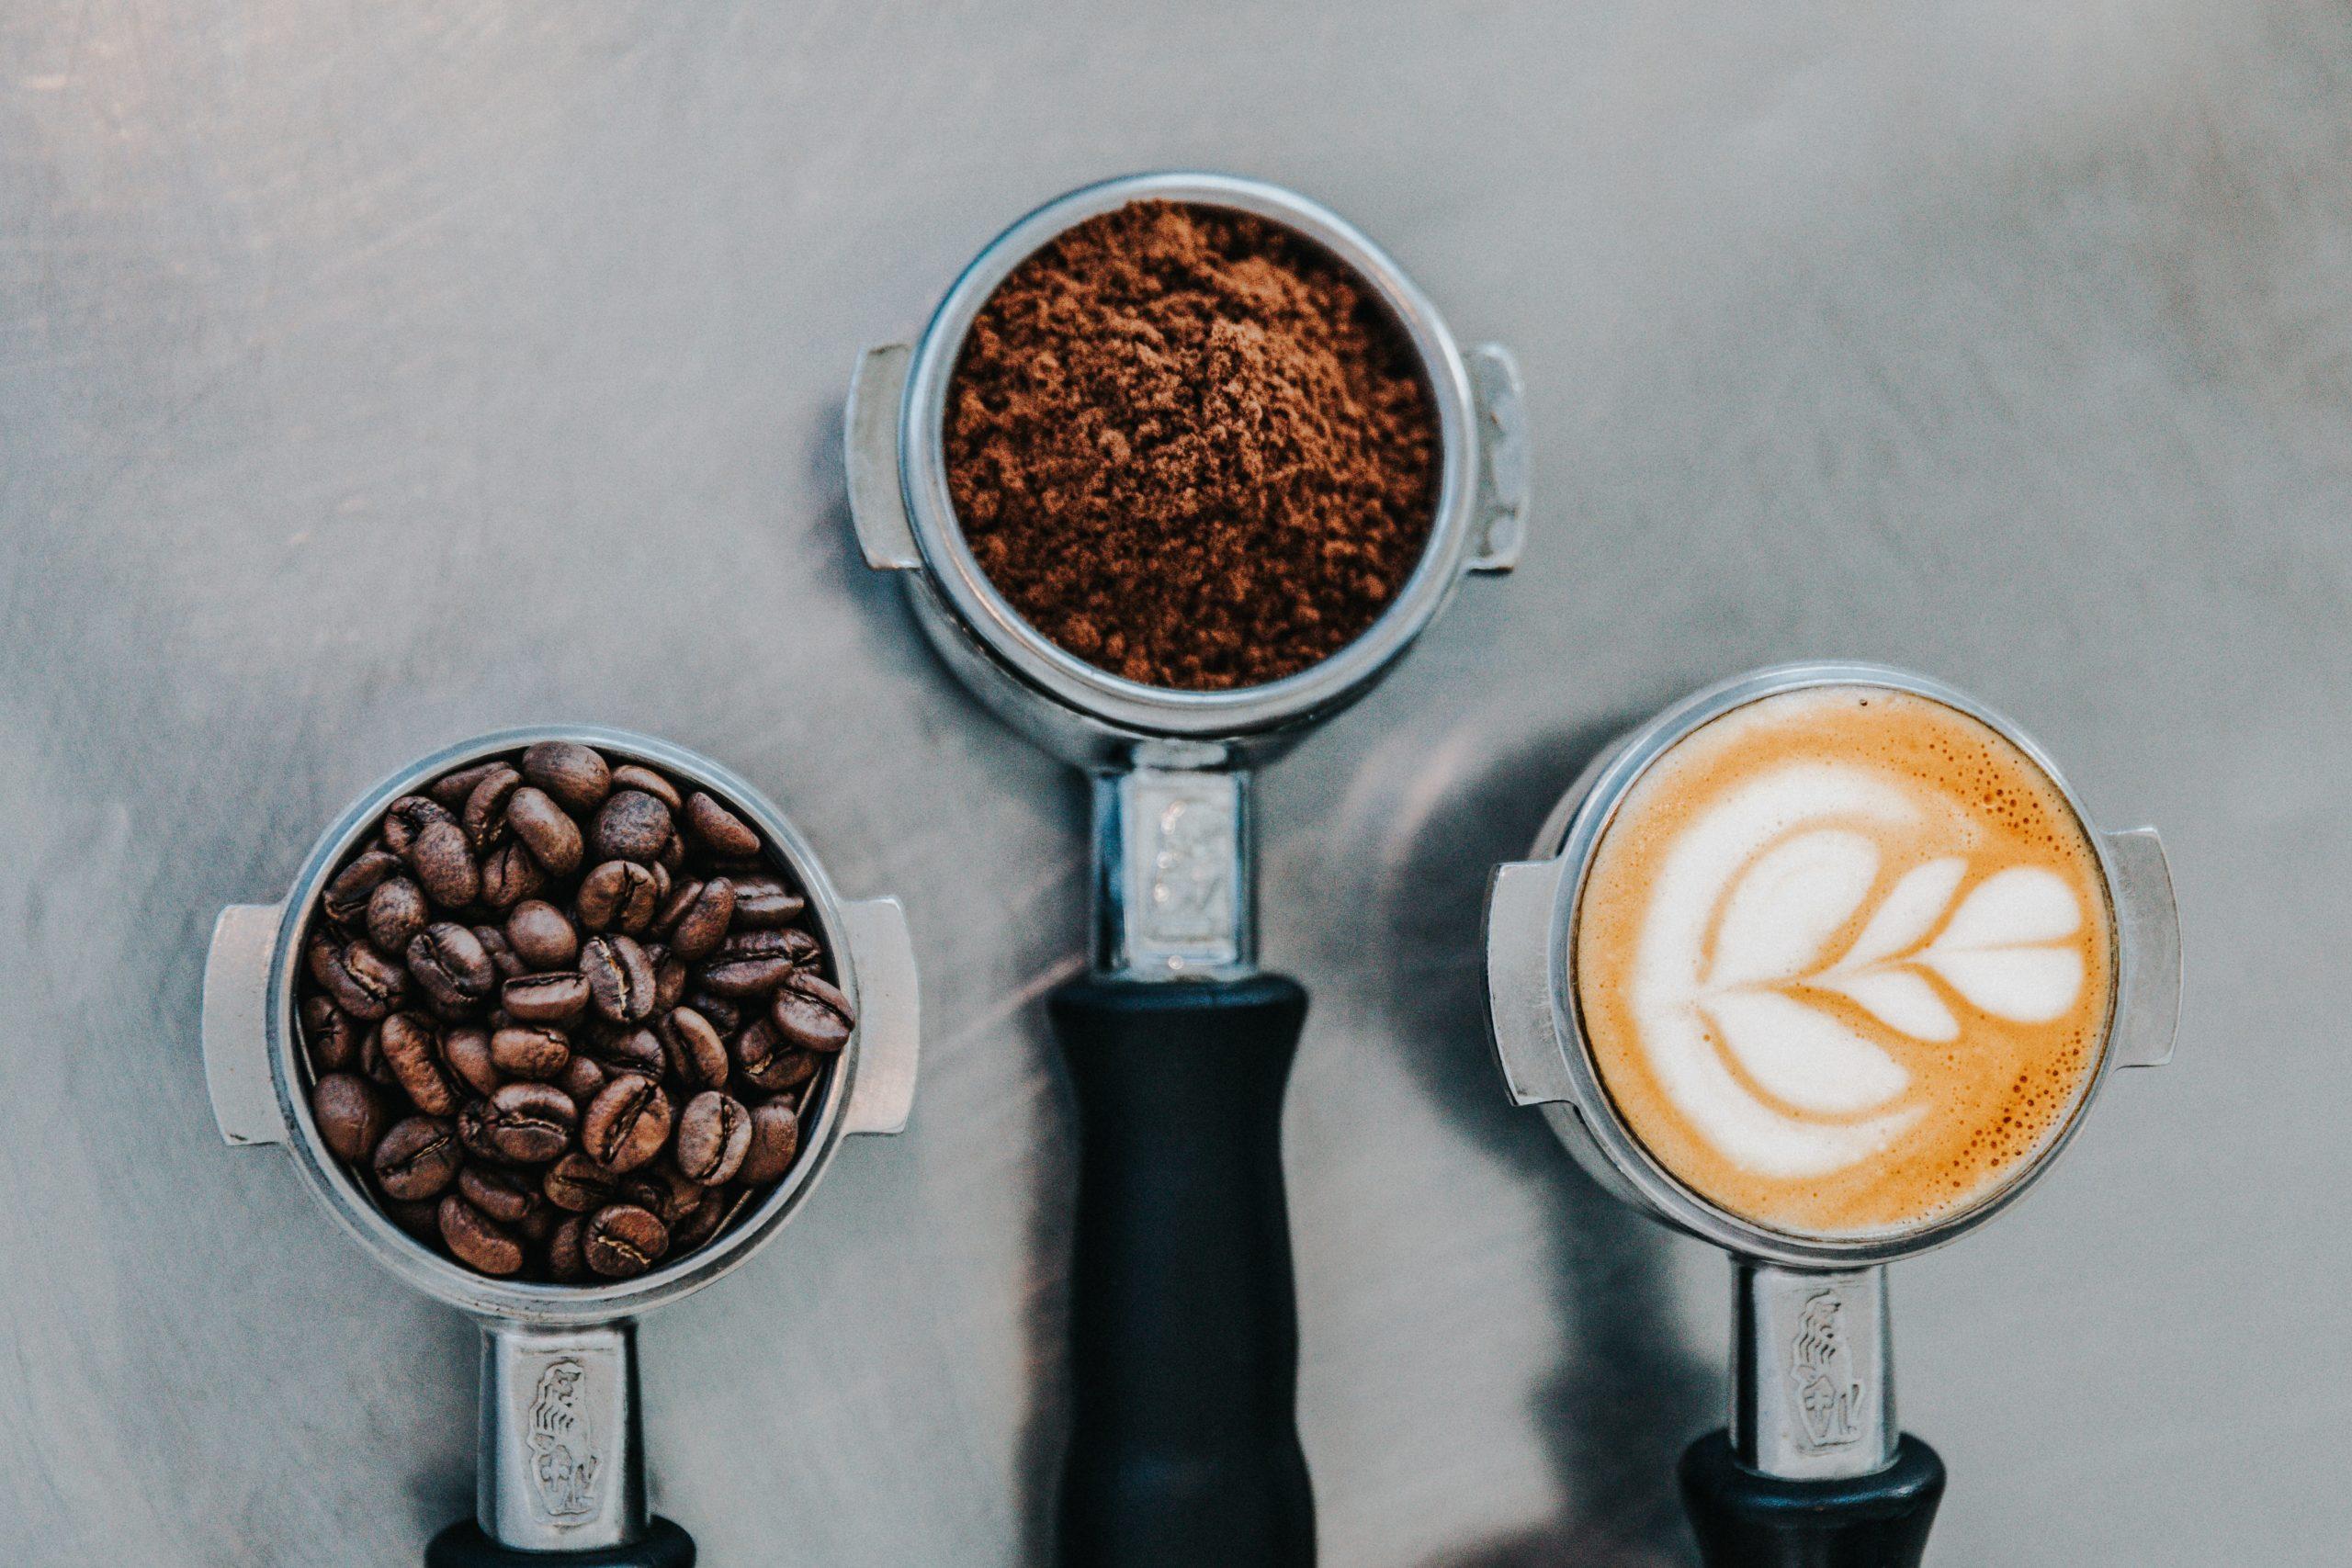 Imagen de cafe en granos late y capuccino